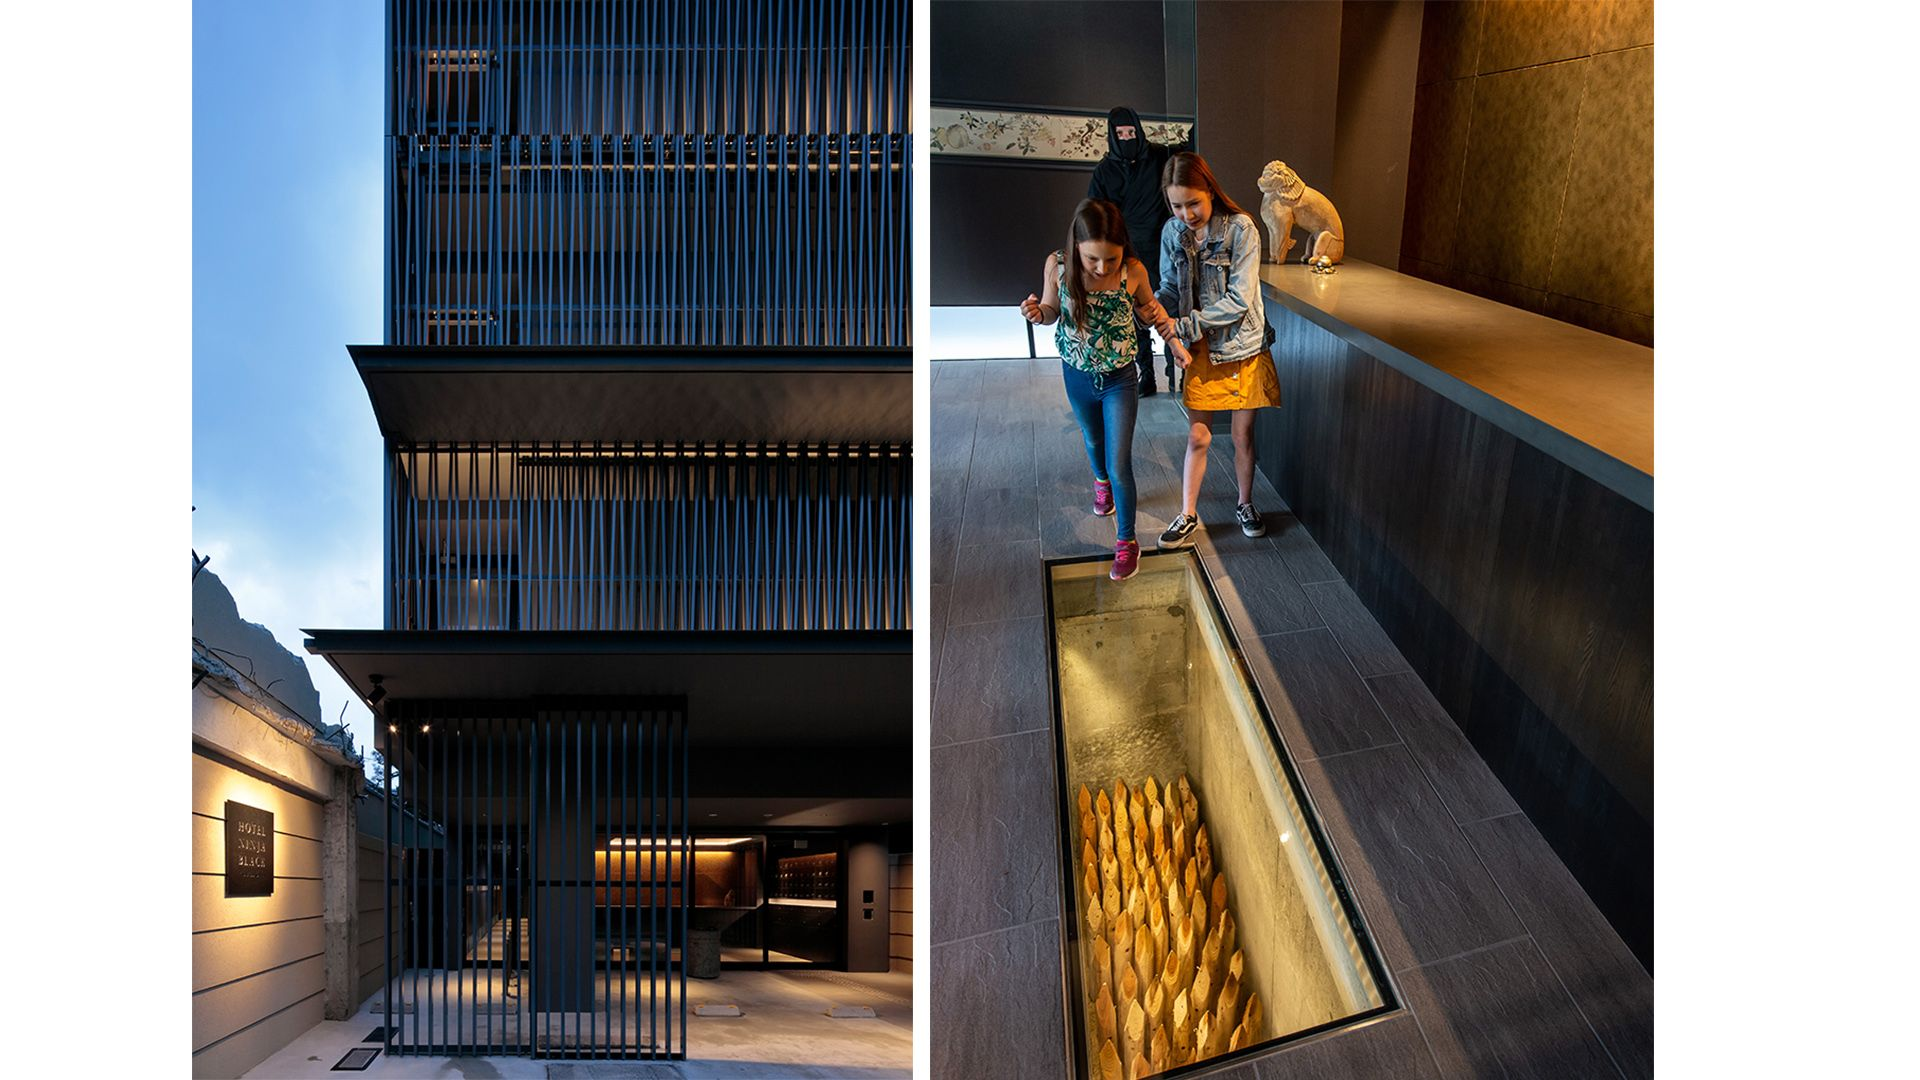 京都黑暗忍者酒店!門口設置「落穴」當陷阱,走道隨時飄出黑影